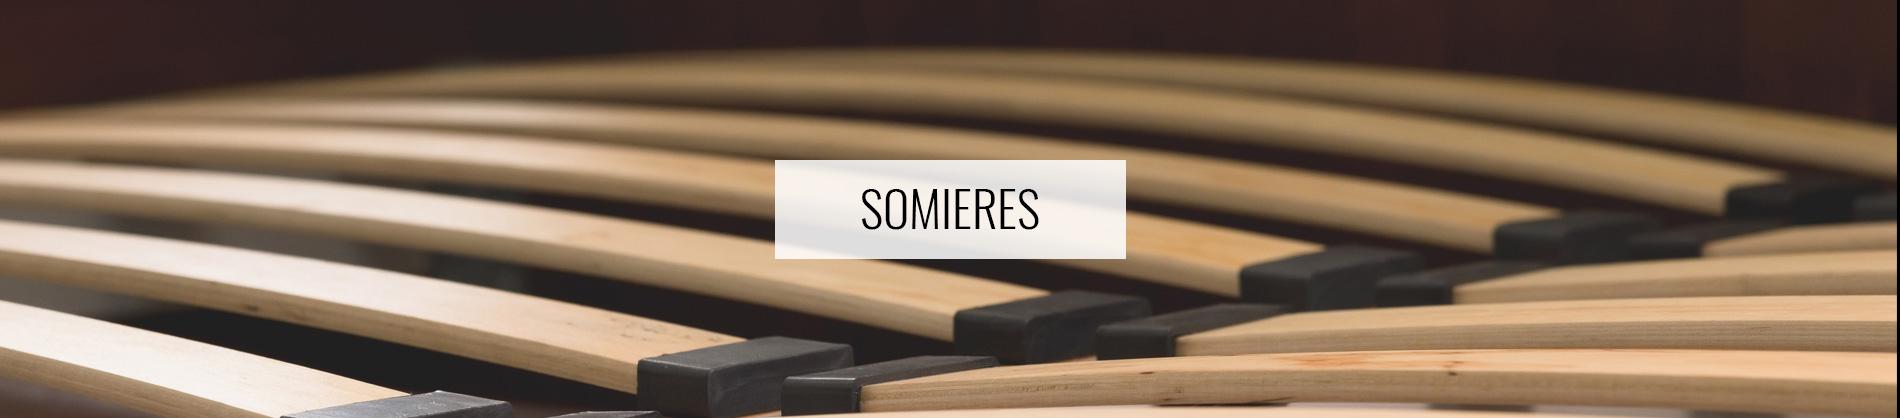 Tienda de Somieres en Córdoba